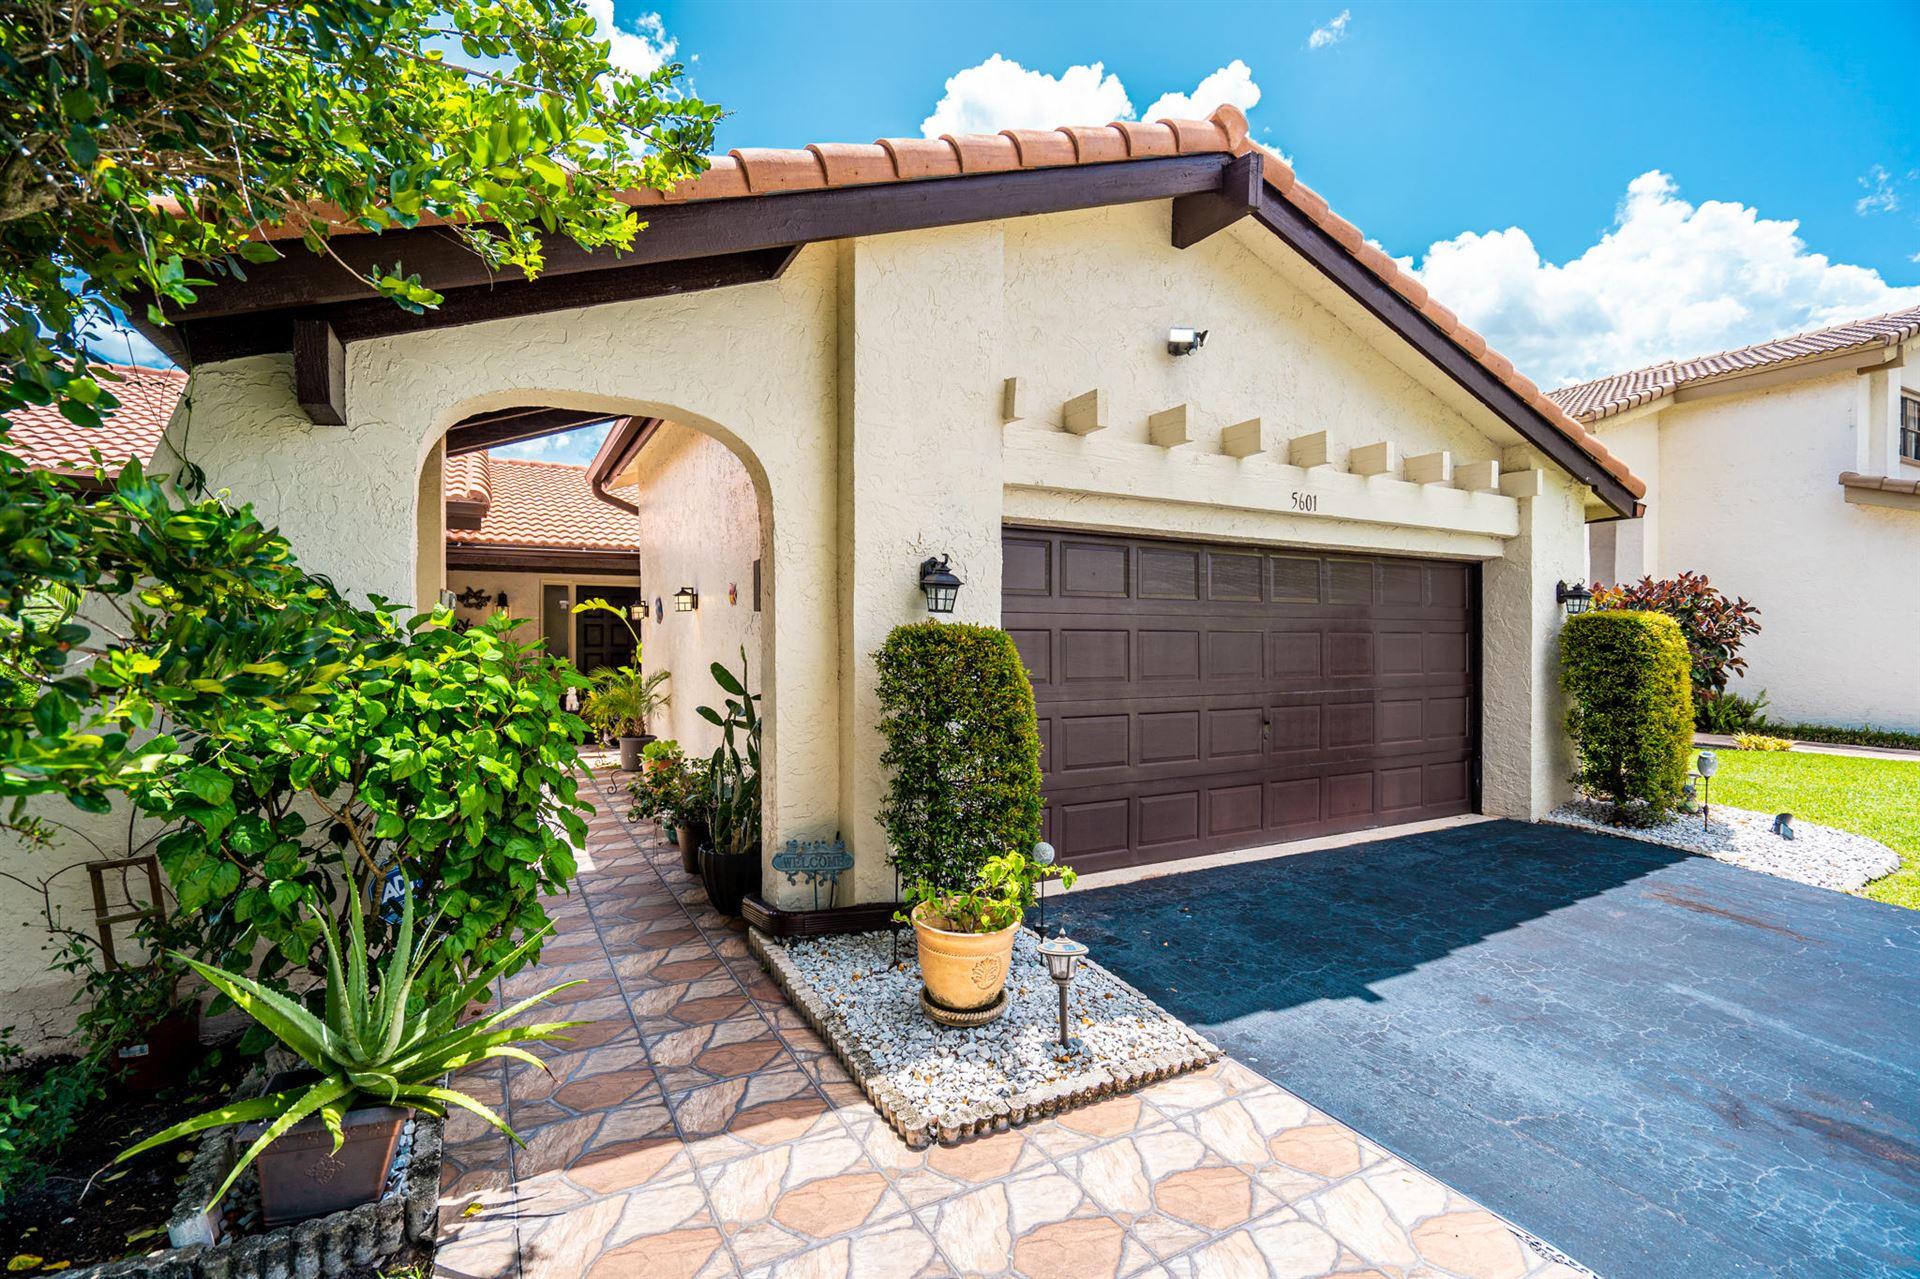 5601 Lakeview Mews Drive, Boynton Beach, FL 33437 - #: RX-10635723